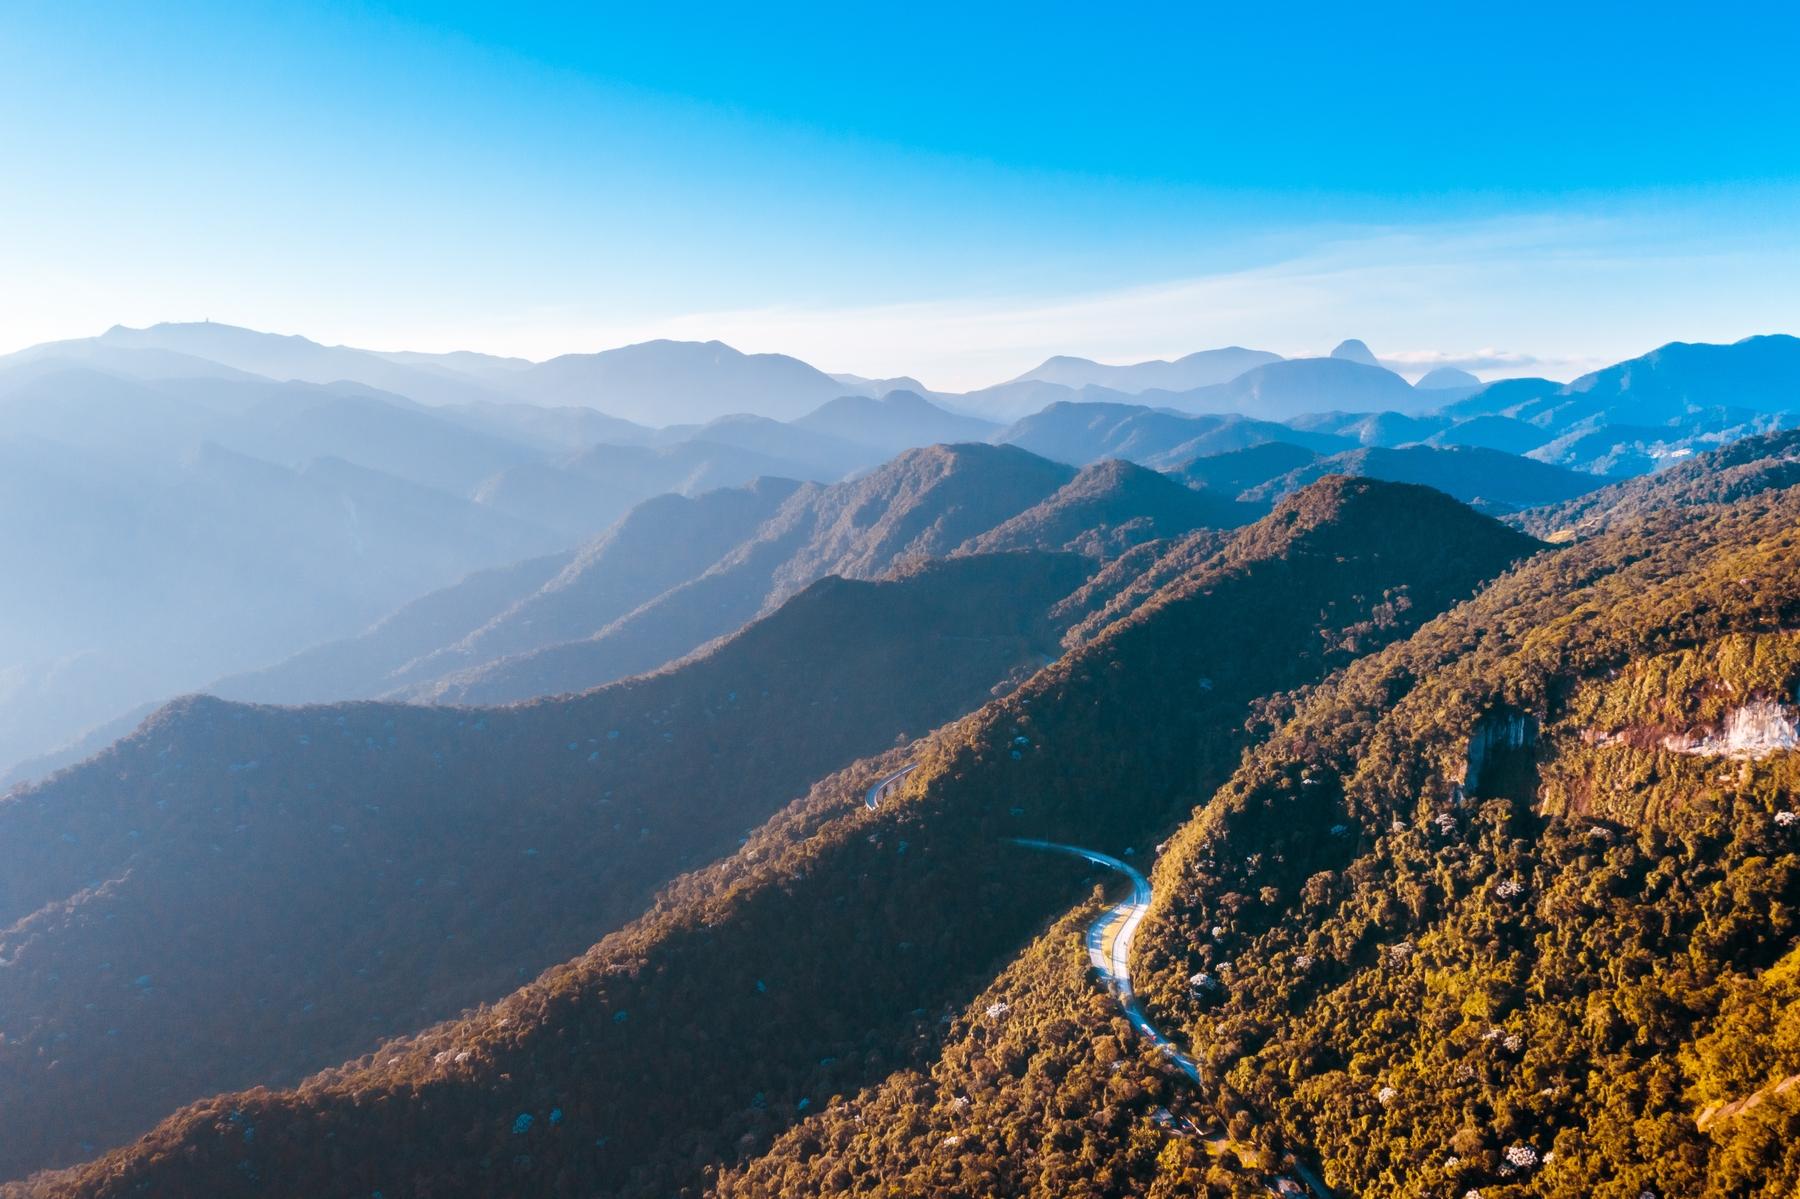 BR-040, trecho Rio-Petrópolis, fotografada do alto na Vila São Luís, próximo a Petrópolis.